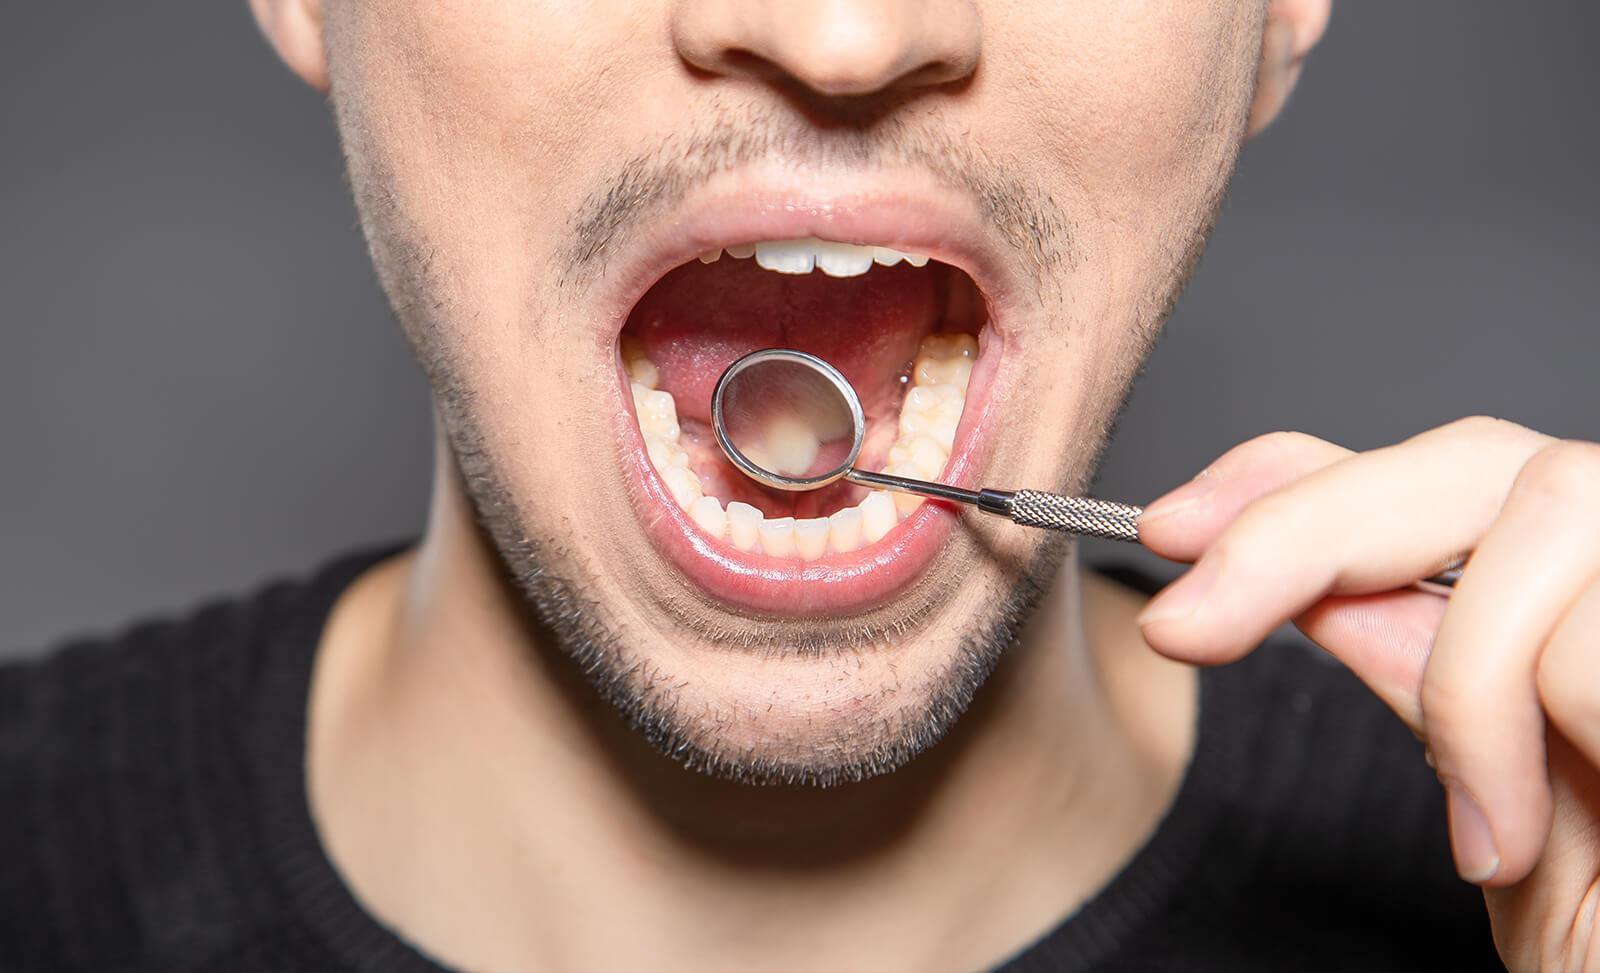 ¿Qué sucede en nuestra boca cuando vapeamos?